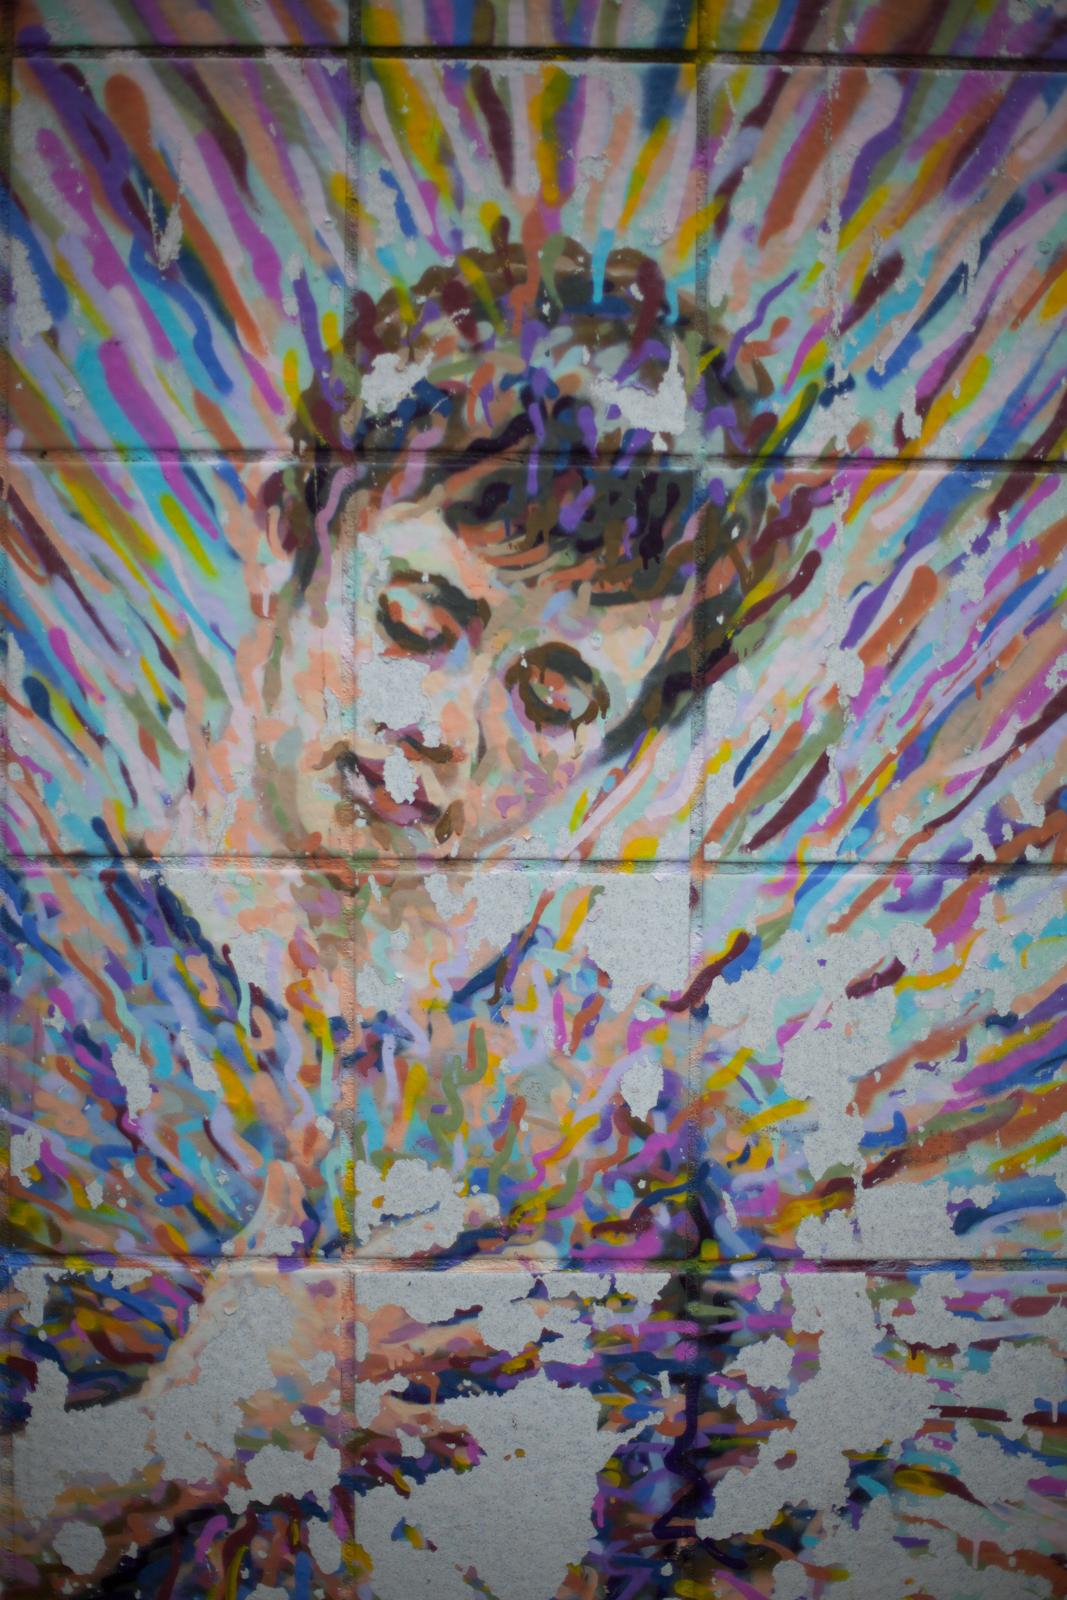 street art vitry-sur-seine, street art vitry, street art val-de-marne, street art banlieue paris, art urbain vitry, art urbain vitry-sur-seine, art urbain vitry, le guide du street art à paris, stéphanie lombard, Jimmy c.